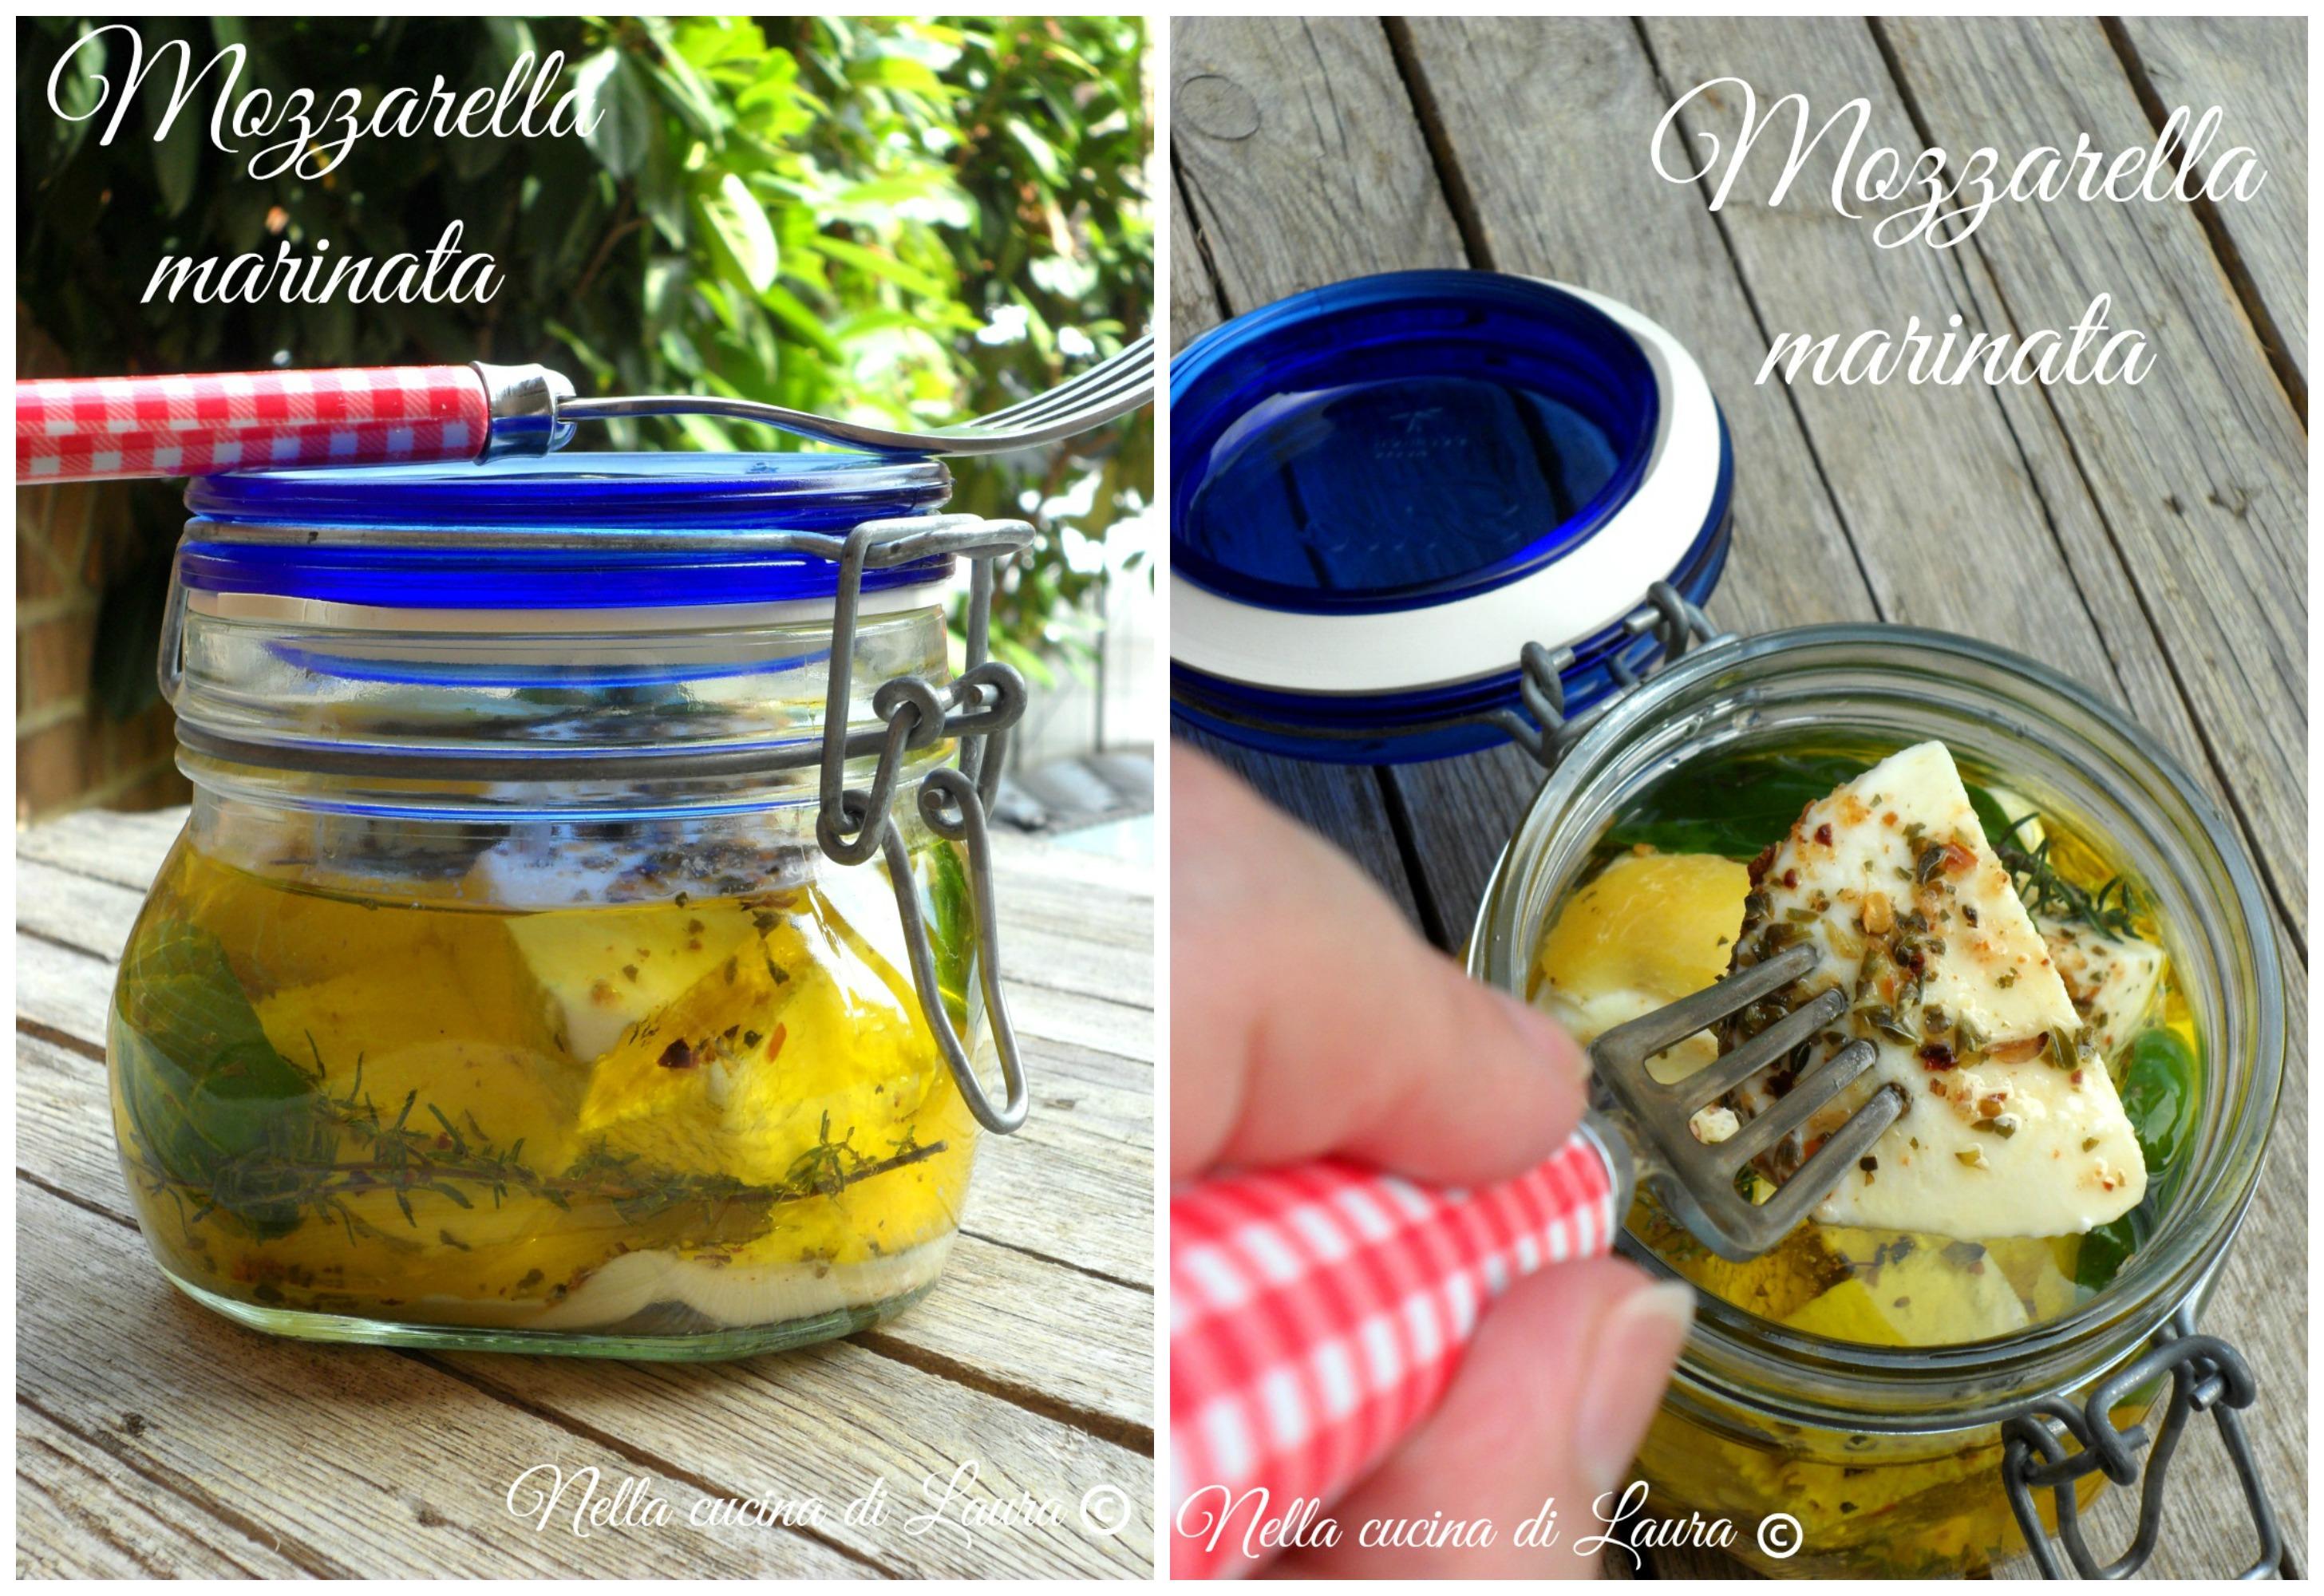 mozzarella marinata - nella cucina di laura